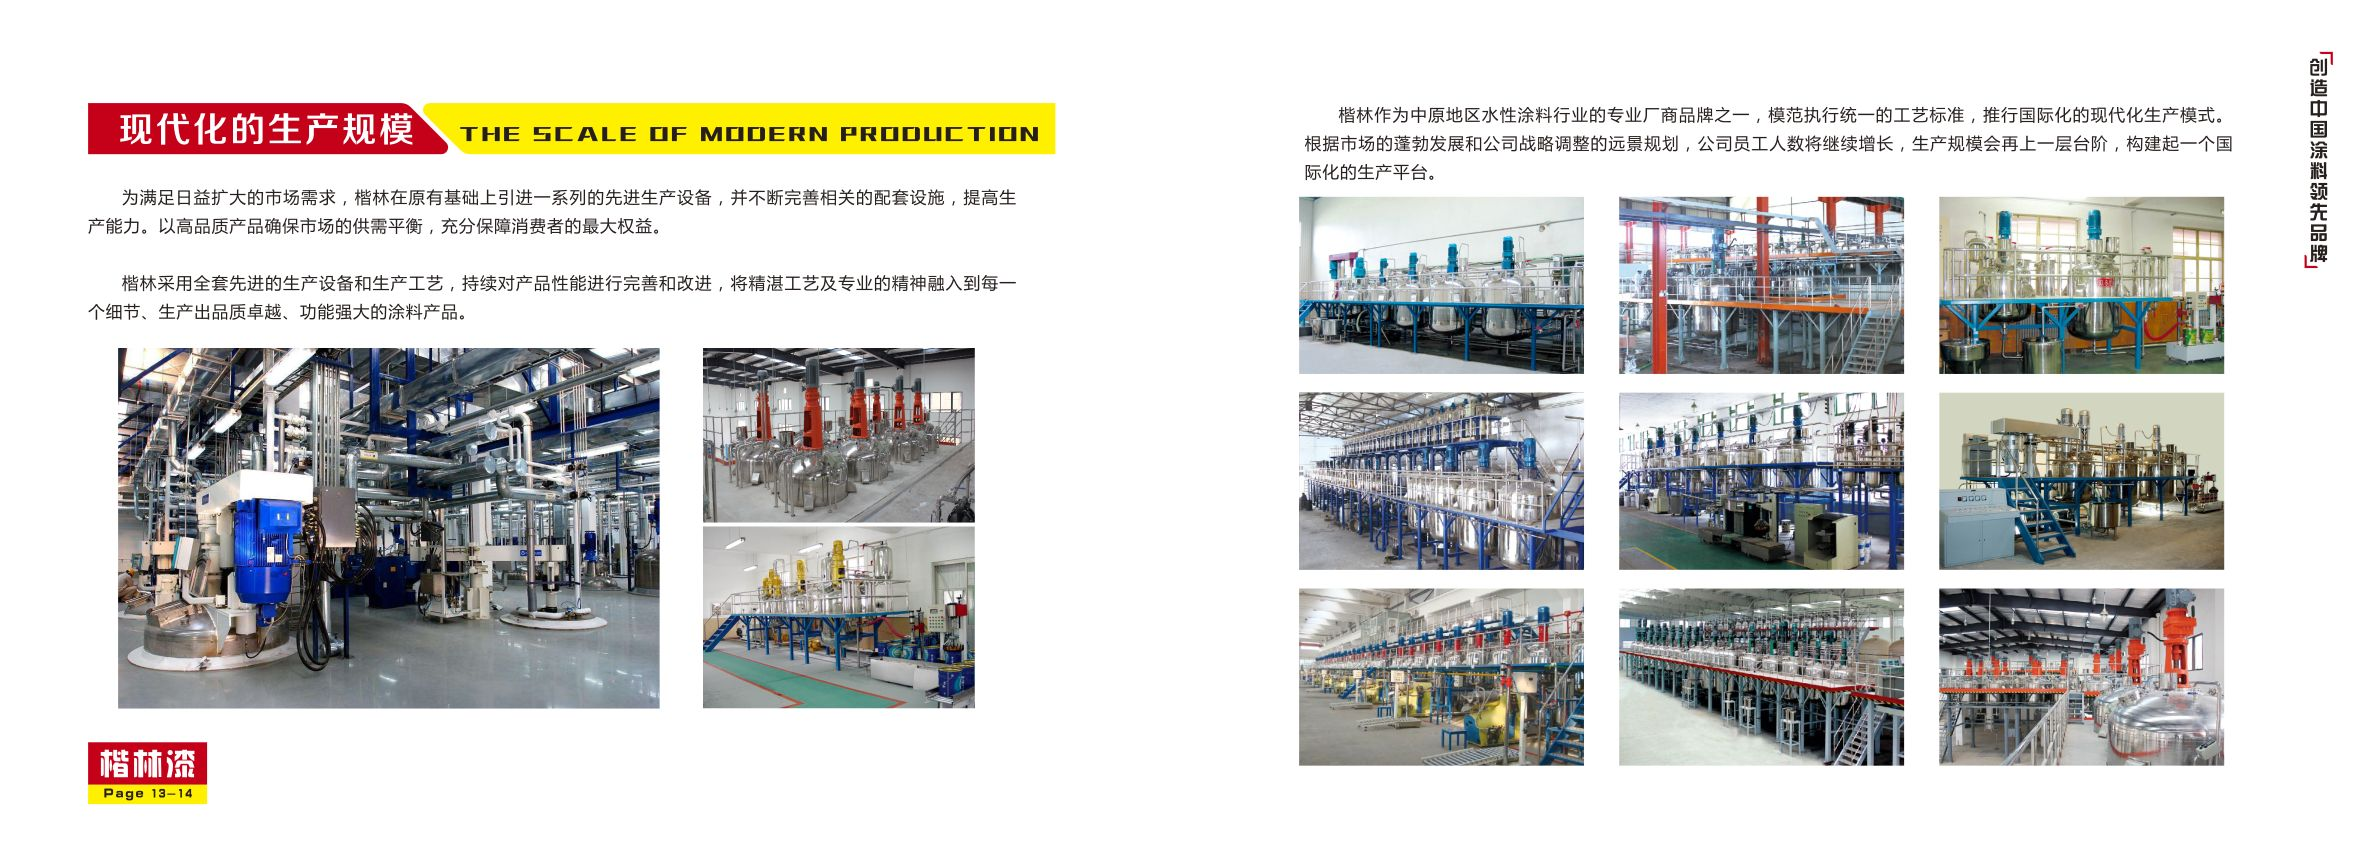 现代化的生产设备.jpg